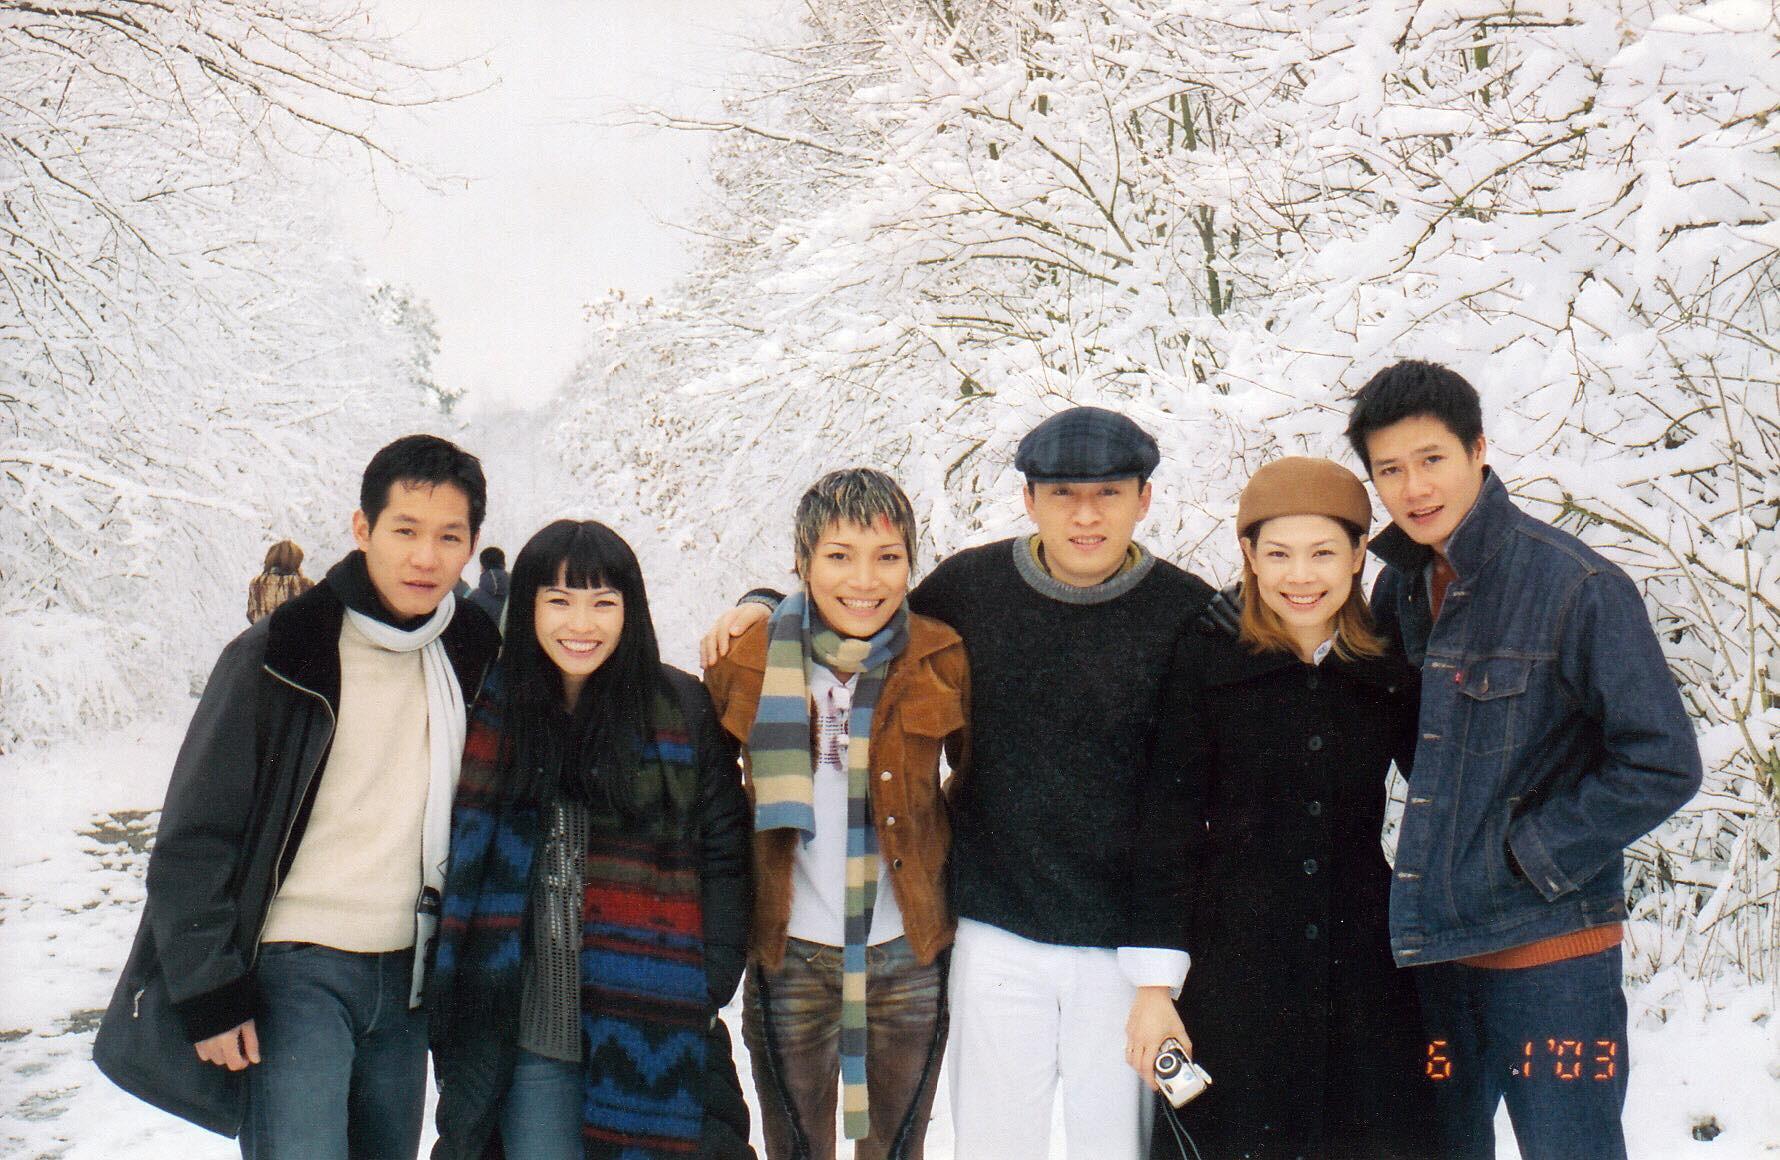 """Thanh Thảo tung ảnh 15 năm trước mừng sinh nhật Quang Dũng, nhắn nhủ: """"Anh vẫn là người đàn ông rất quan trọng trong lòng em"""" - Ảnh 1"""